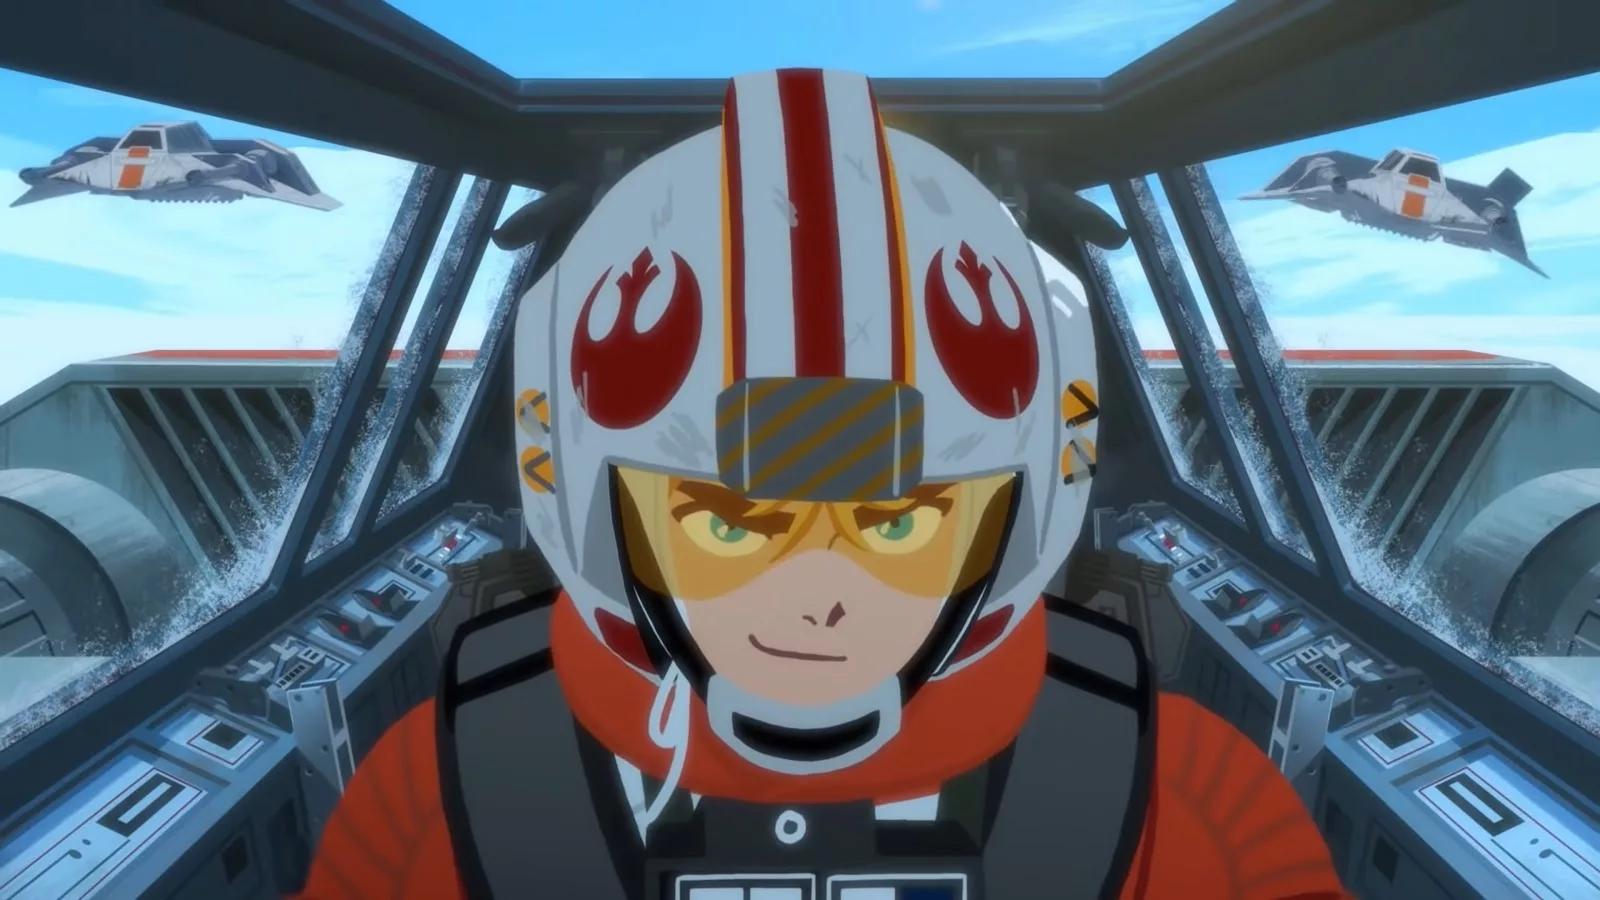 迪士尼公開「霍斯戰役」動畫短片來慶祝《帝國大反擊》40 周年!